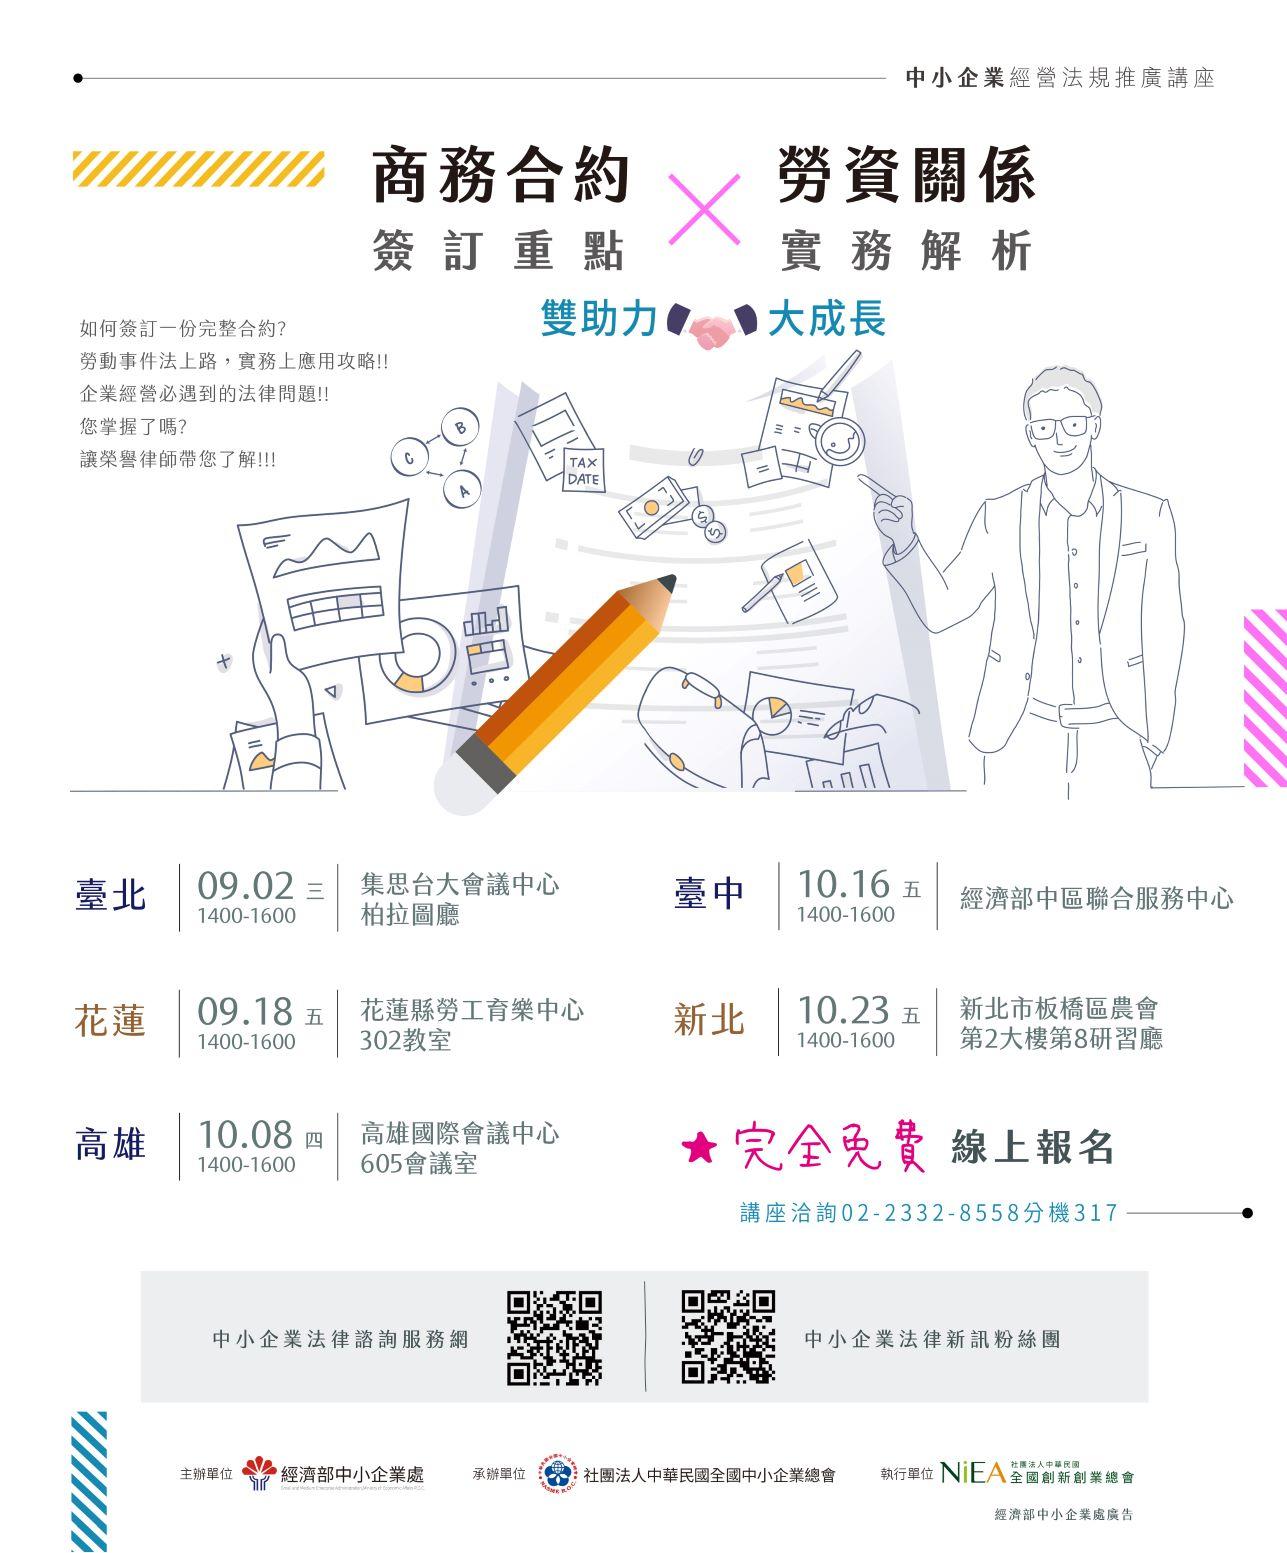 9/18(五)花蓮場-【合約簽訂重點X勞資關係實務解析】-企業經營雙助力的活動EDM